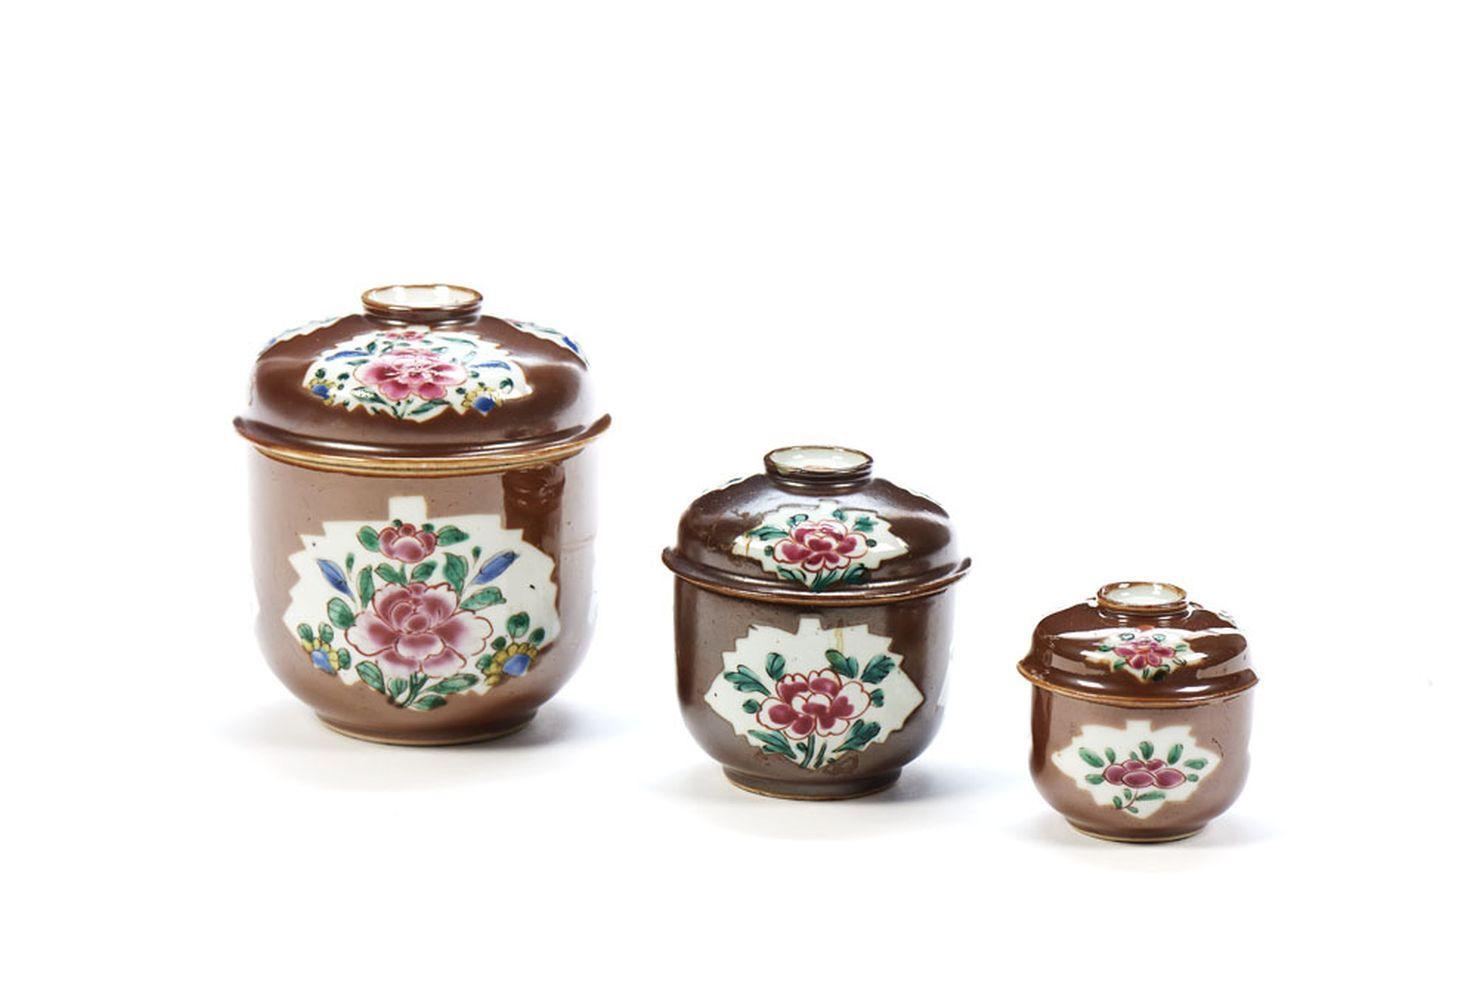 Lote de três potes em porcelana chinesa (3)